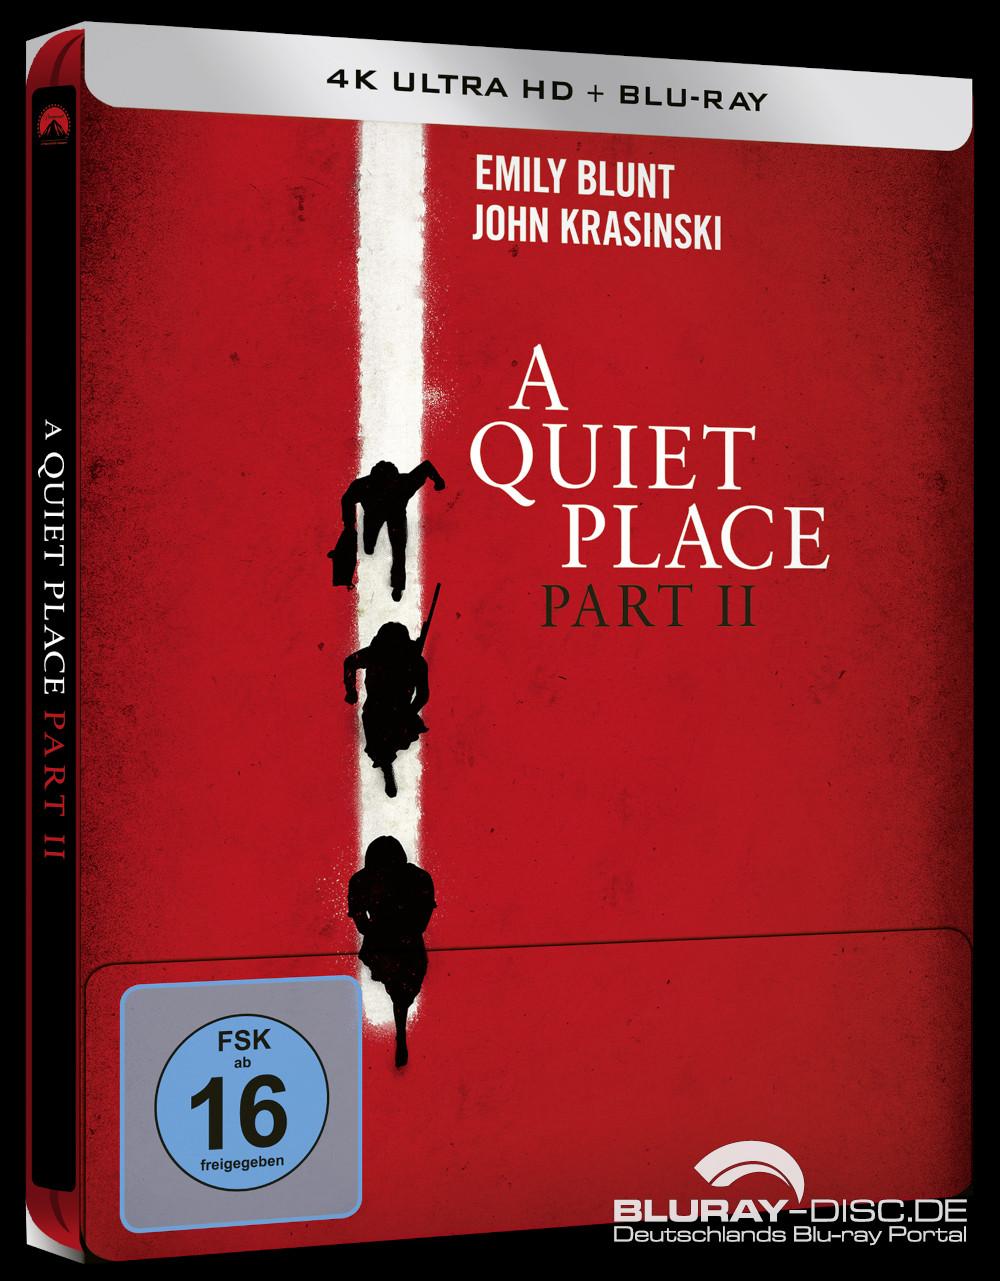 A-Quiet-Place-2-4K-Steelbook-Final-Galerie-01.jpg